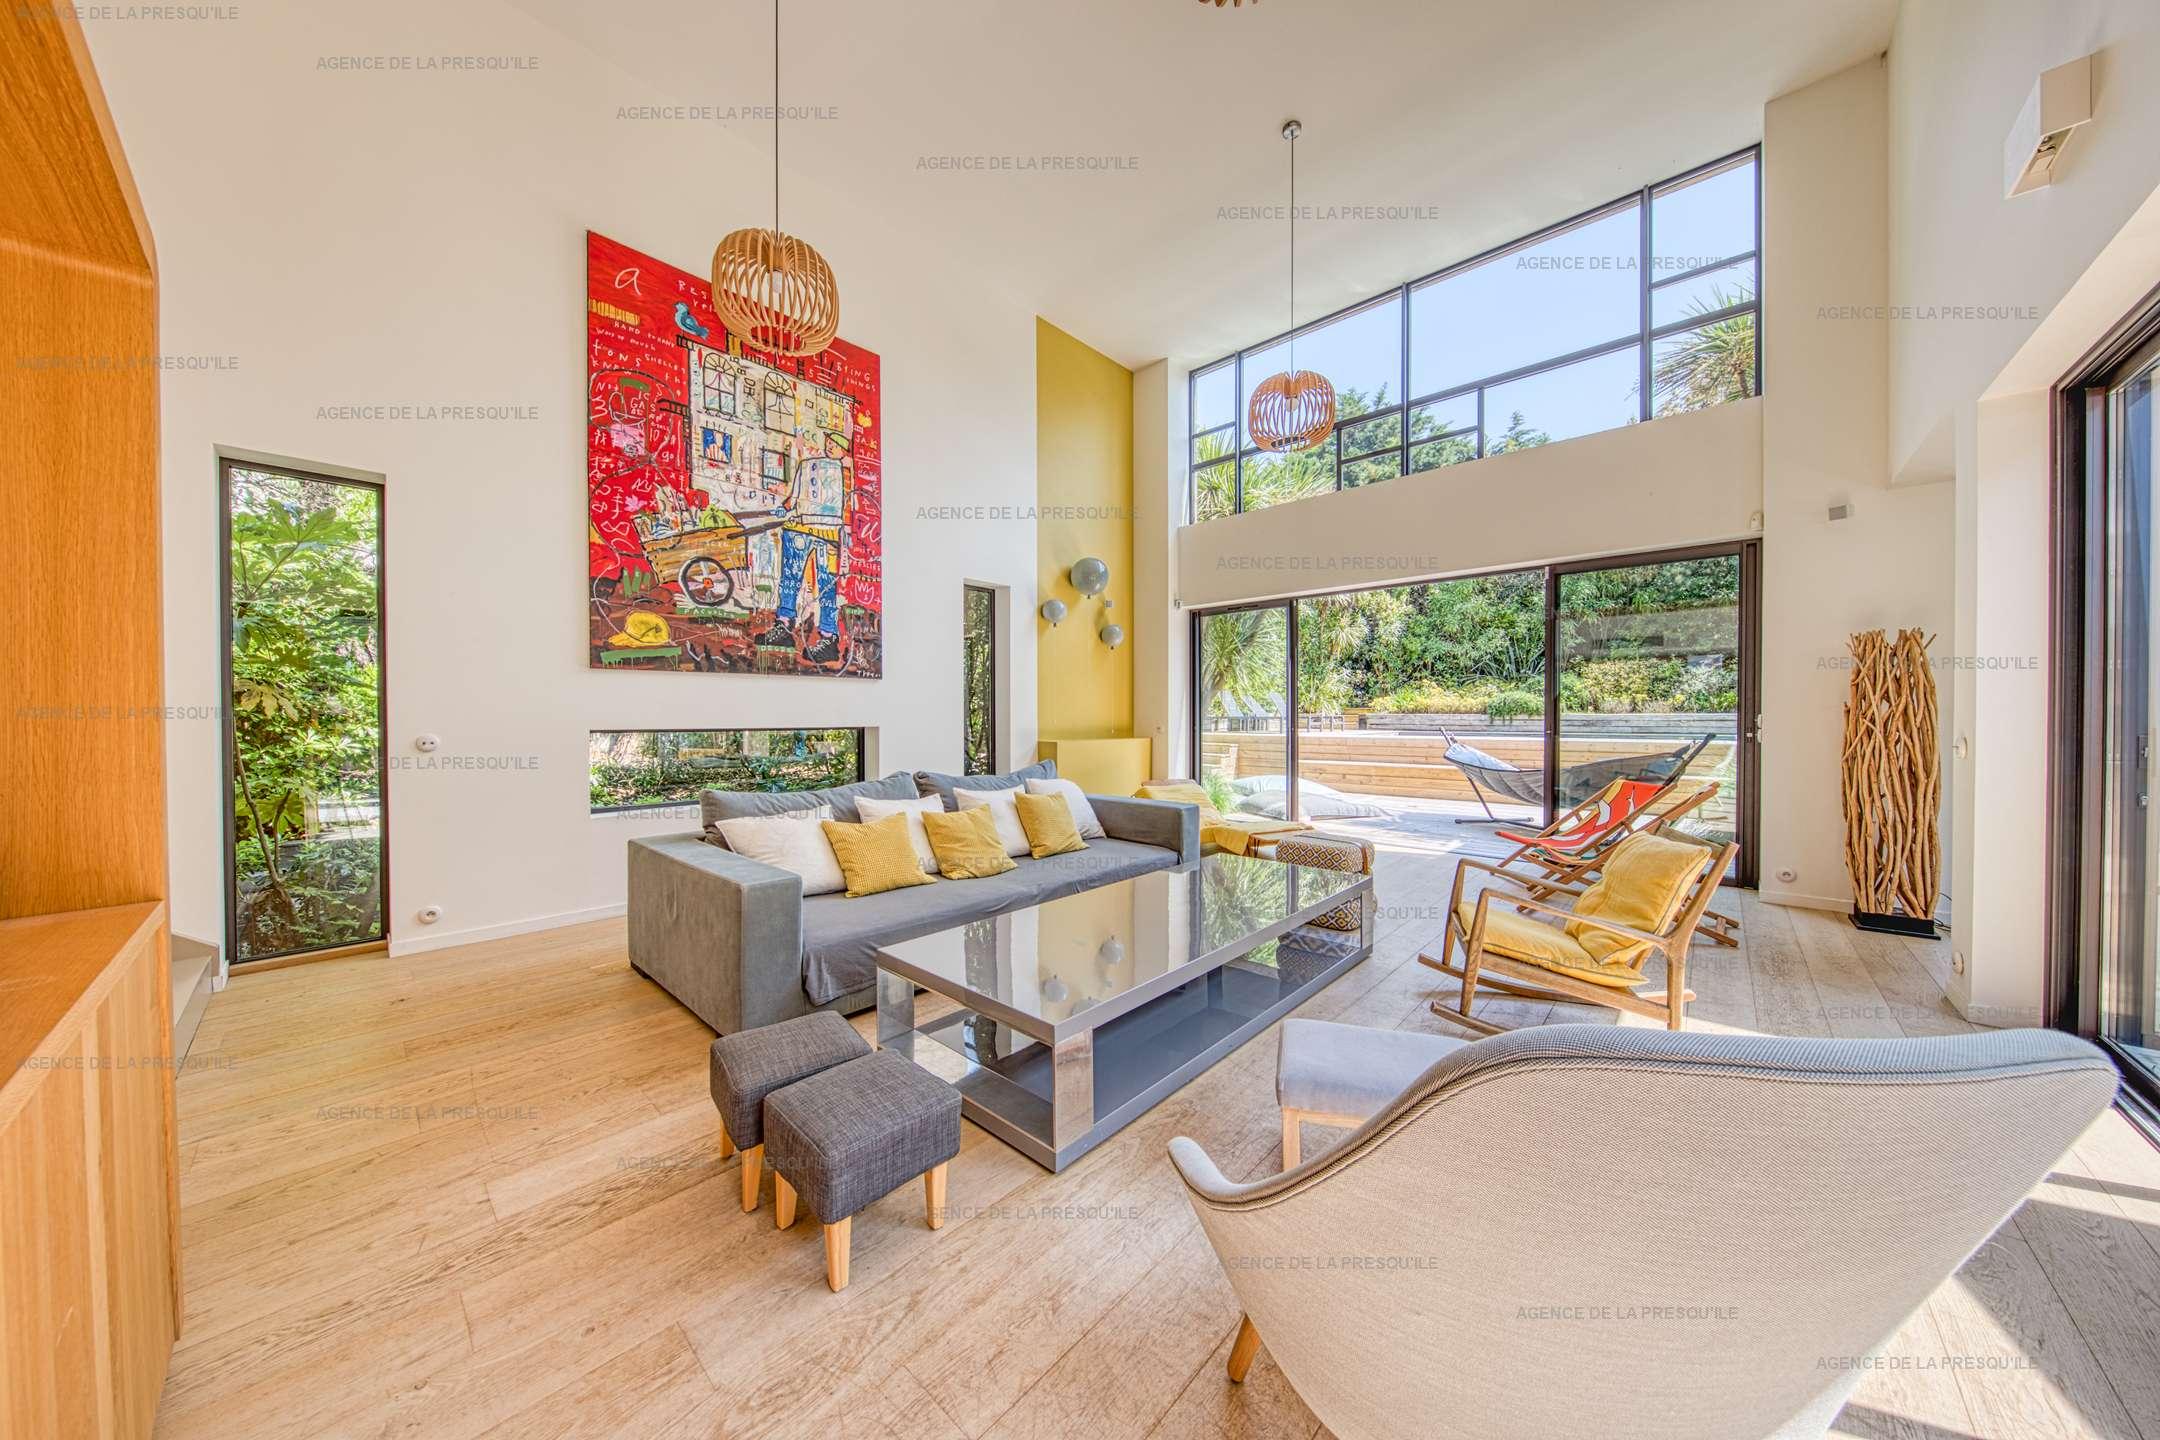 Location: Très belle villa de standing avec piscine 3